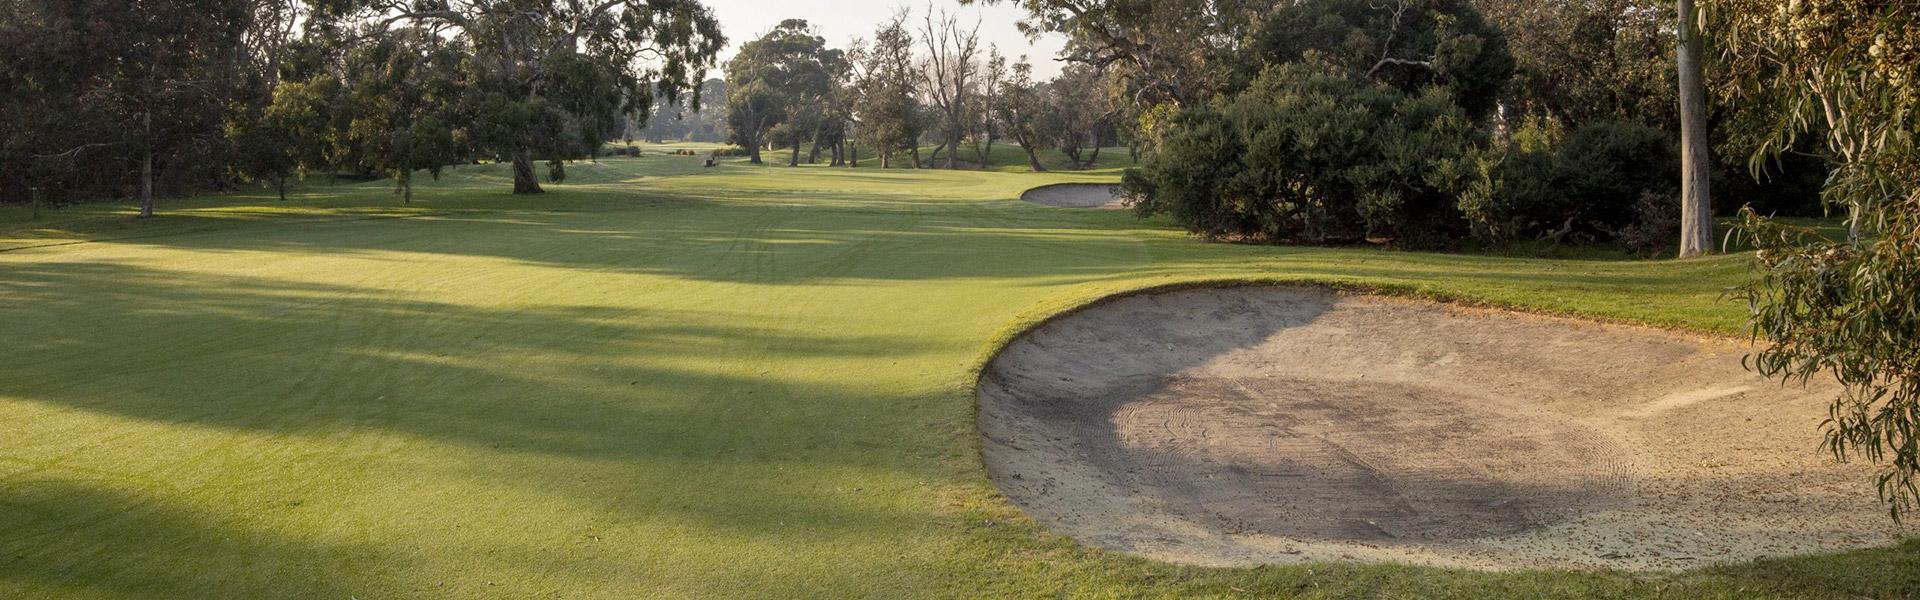 Hole 10 - Rossdale Golf Club